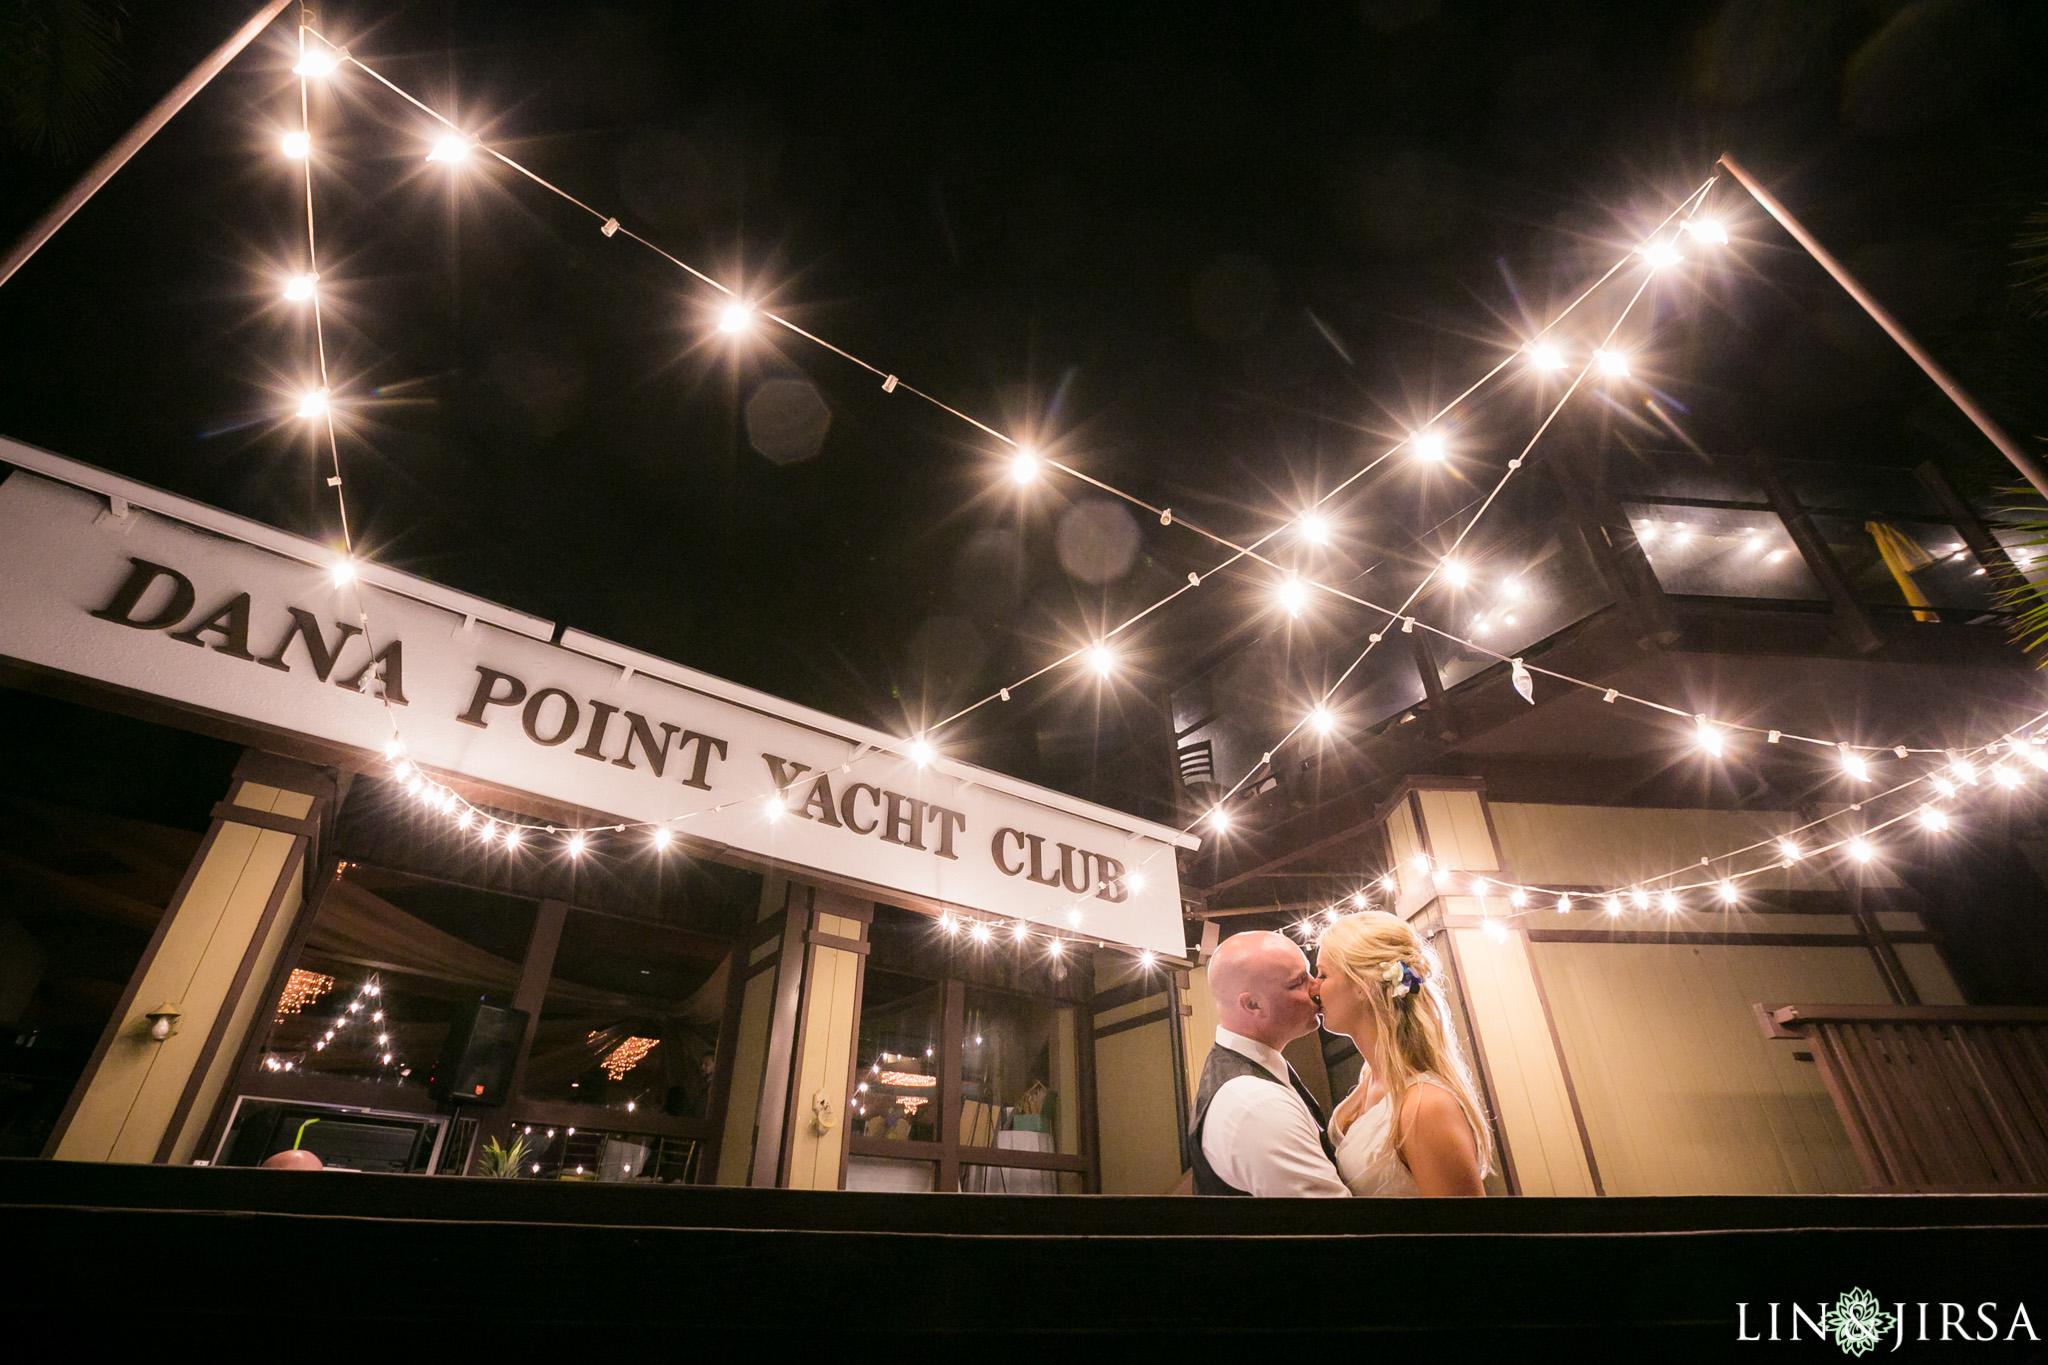 Dana Point Yacht Club Wedding  Ashley  David